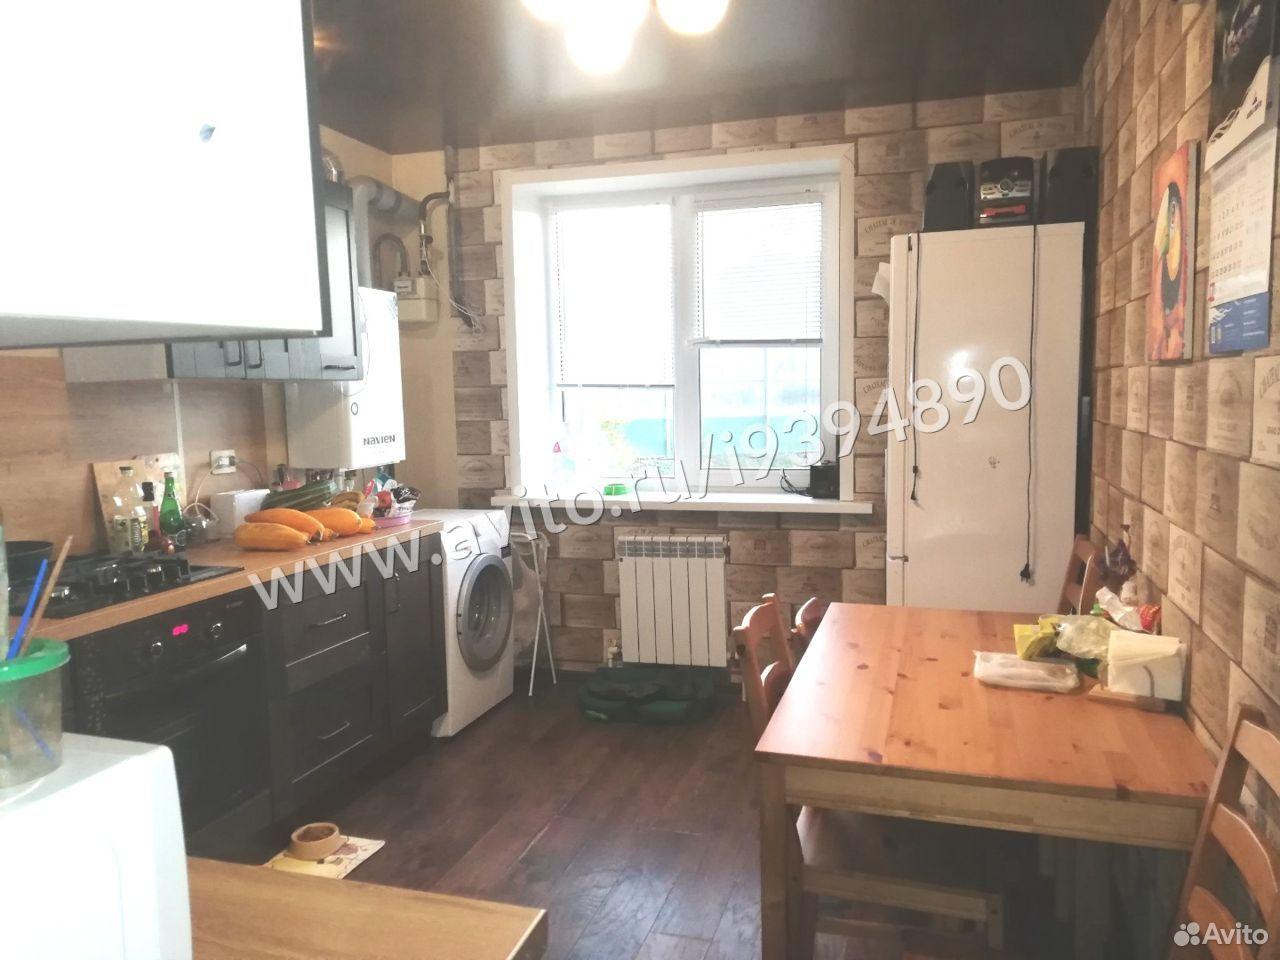 2-к квартира, 50.3 м², 1/3 эт.  89533303047 купить 1